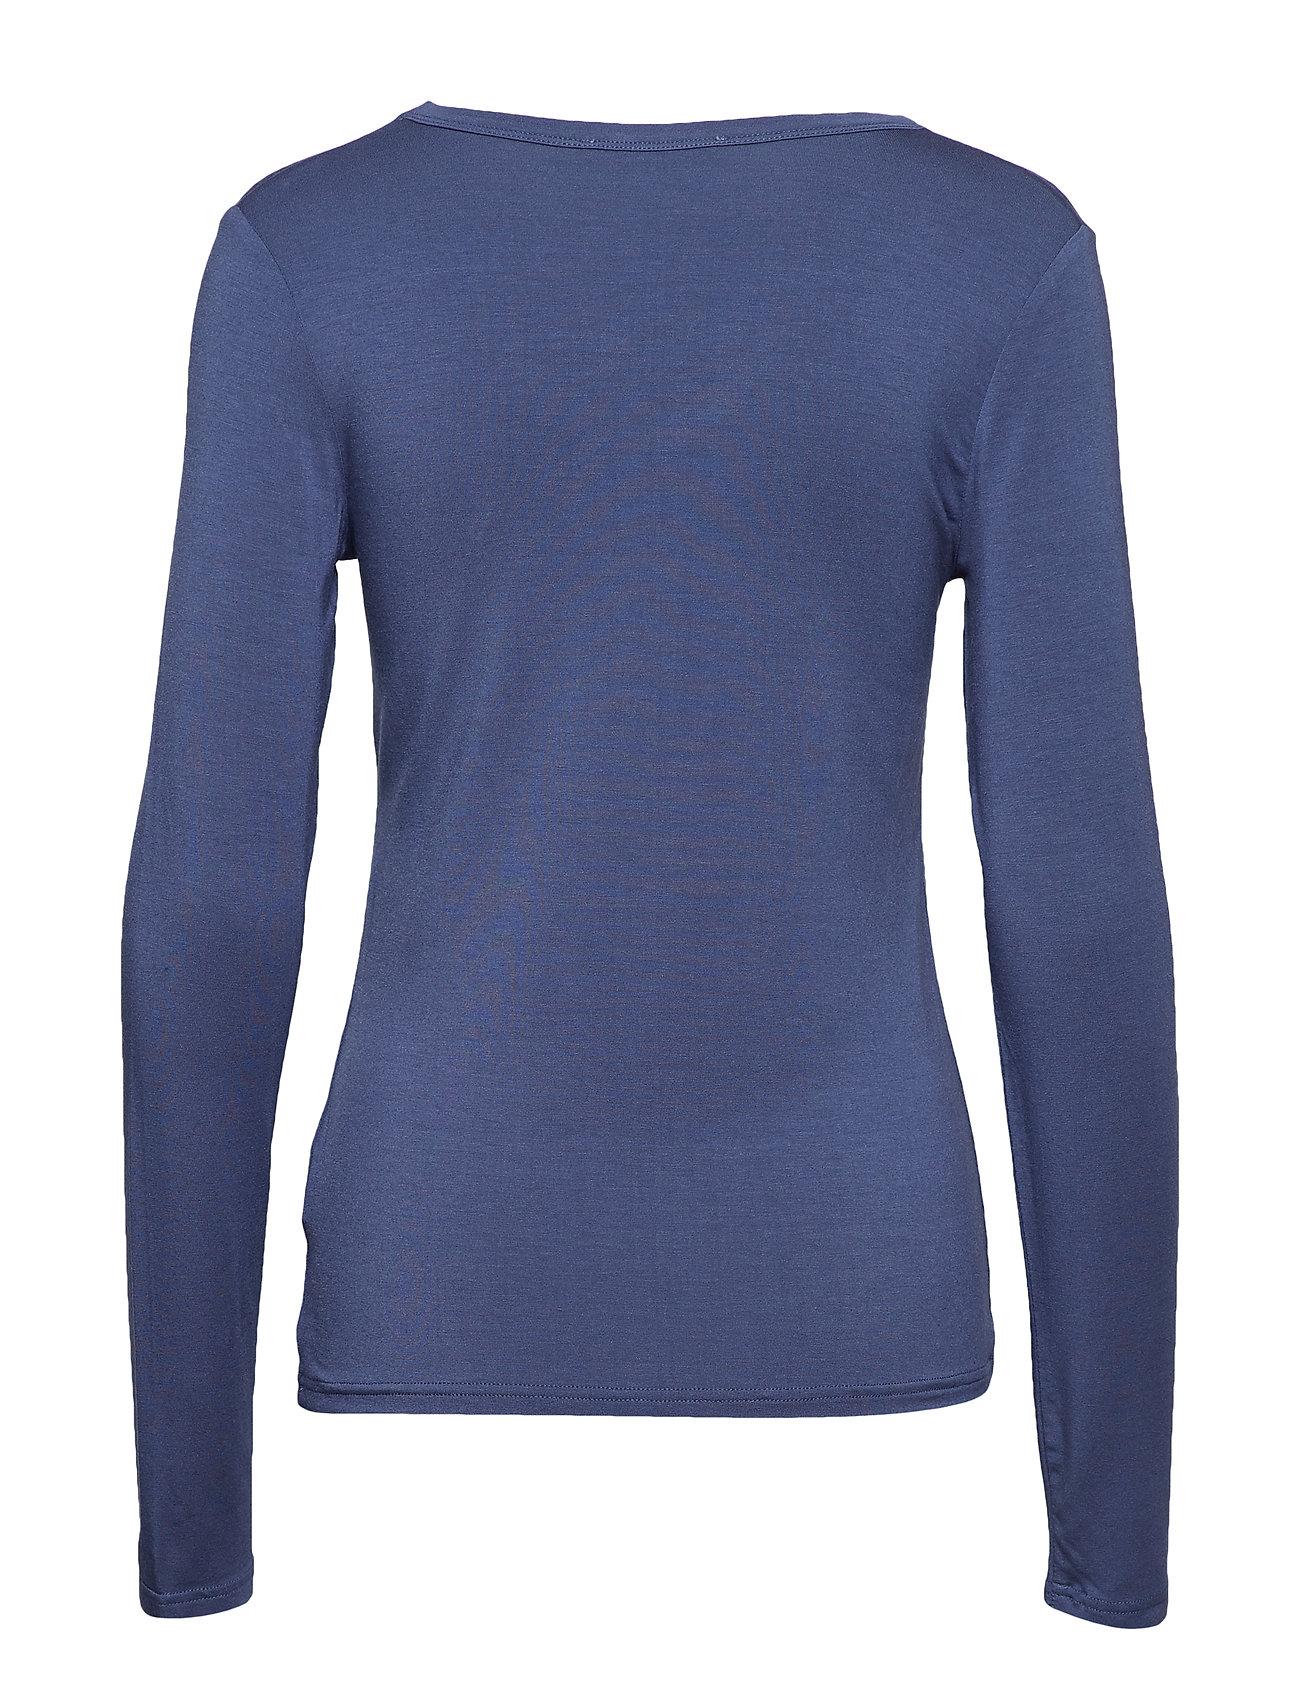 Hapalan Langærmet T shirt Blå TIGER OF SWEDEN